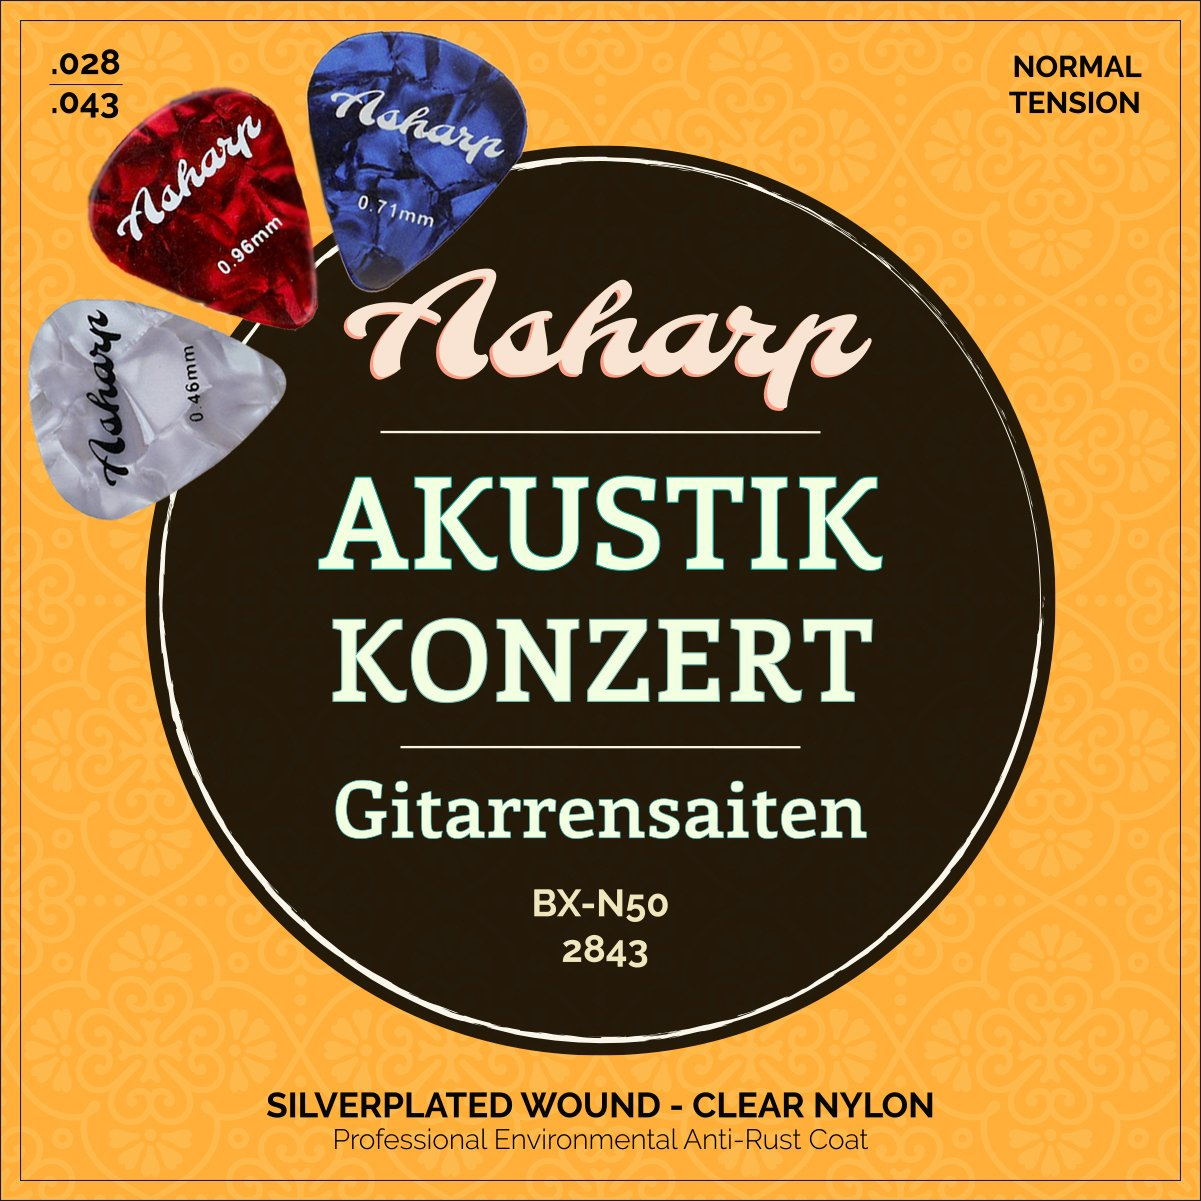 Asharp Gitarrensaiten für klassische Gitarre inkl. 3 Plektren – Premium Nylon-Saiten Satz für Konzertgitarre und Akustikgitarre BX-N50